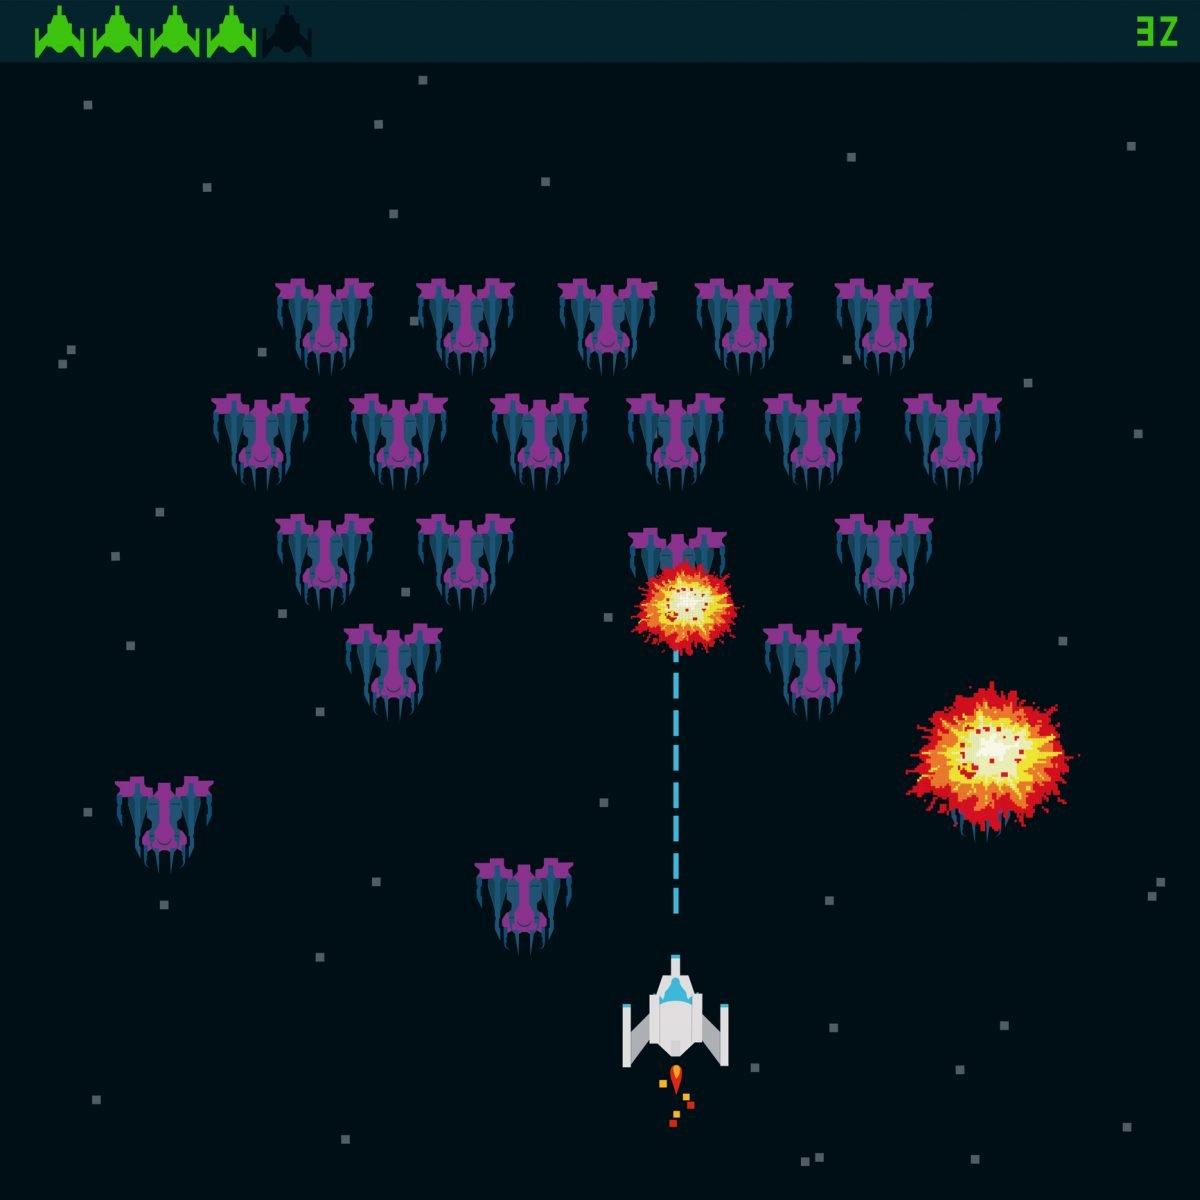 Spacewar spaceships mainframe minicomputers